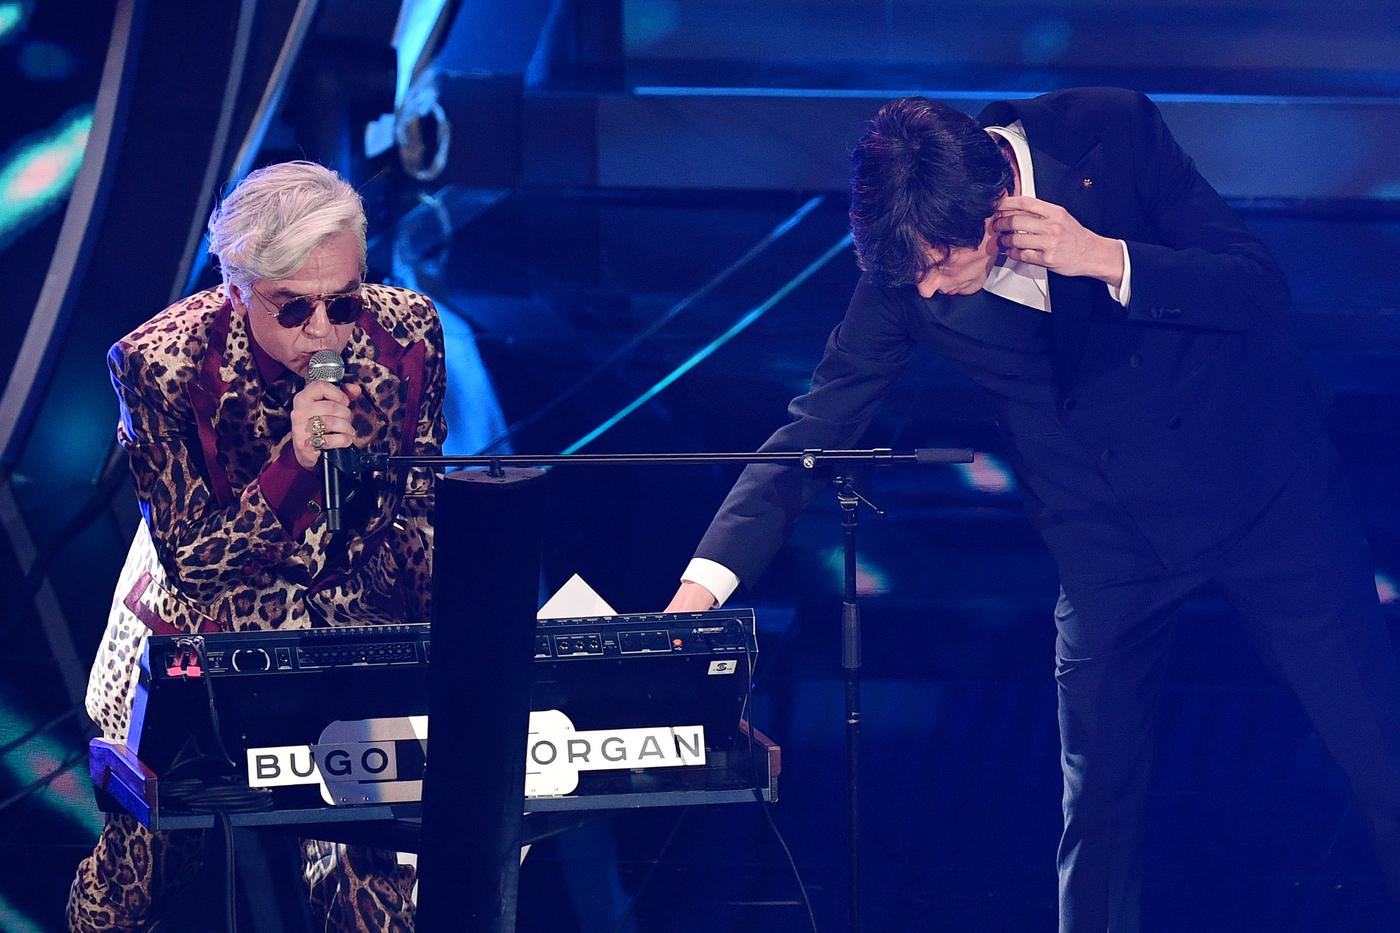 """Accadde oggi: un anno fa Bugo abbandona il palco di Sanremo dopo il """"dissing"""" di Morgan"""